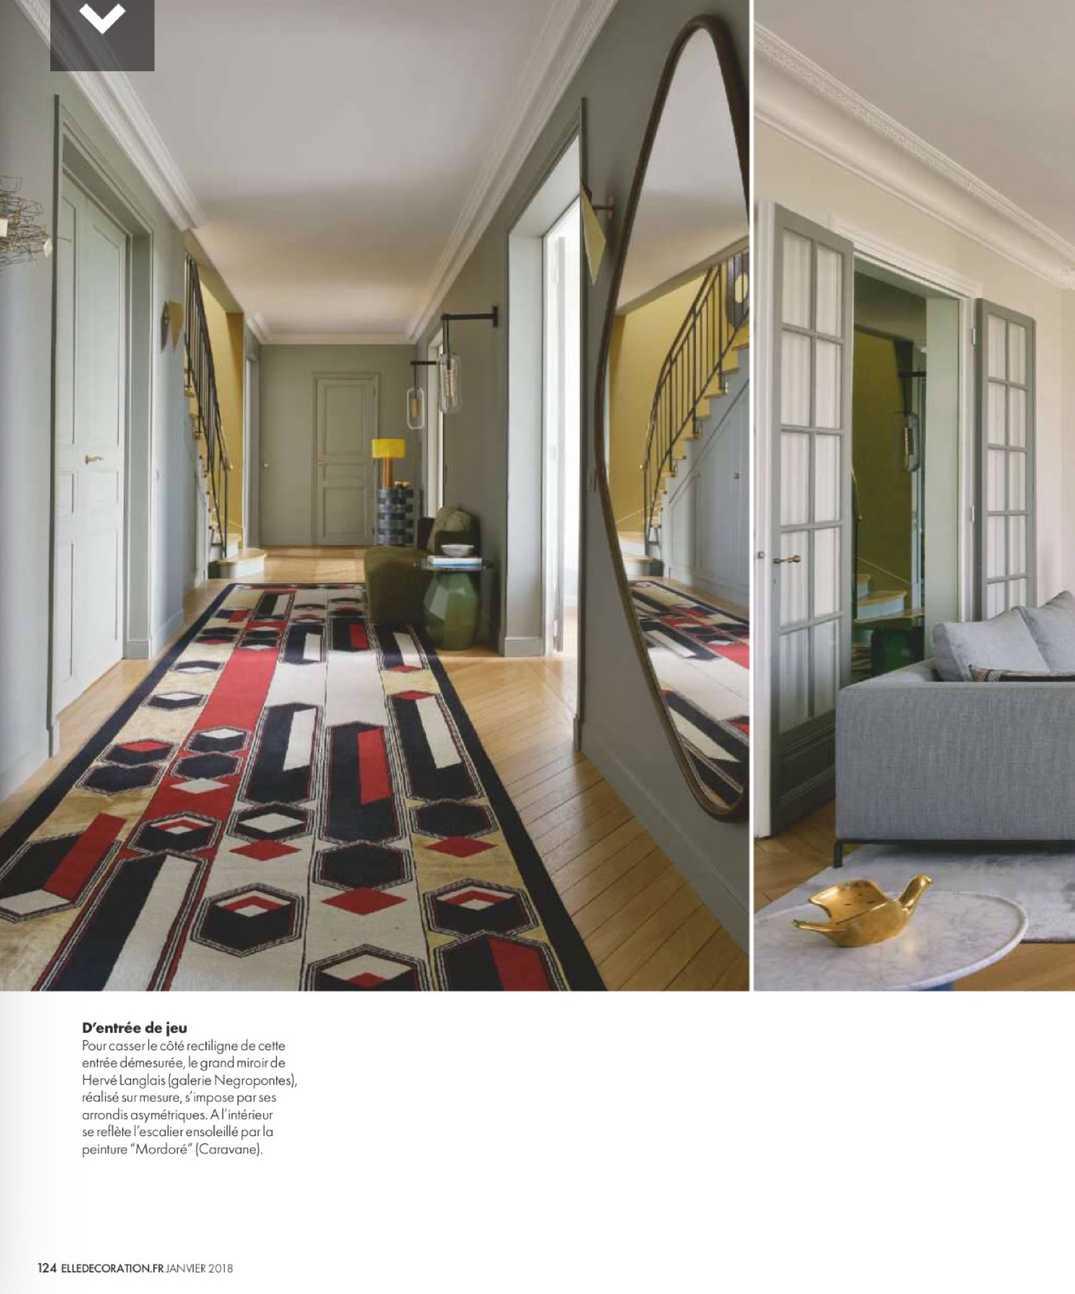 Grand Miroir D Entrée elle décoration - january 2018 | valerie pasquiou interiors